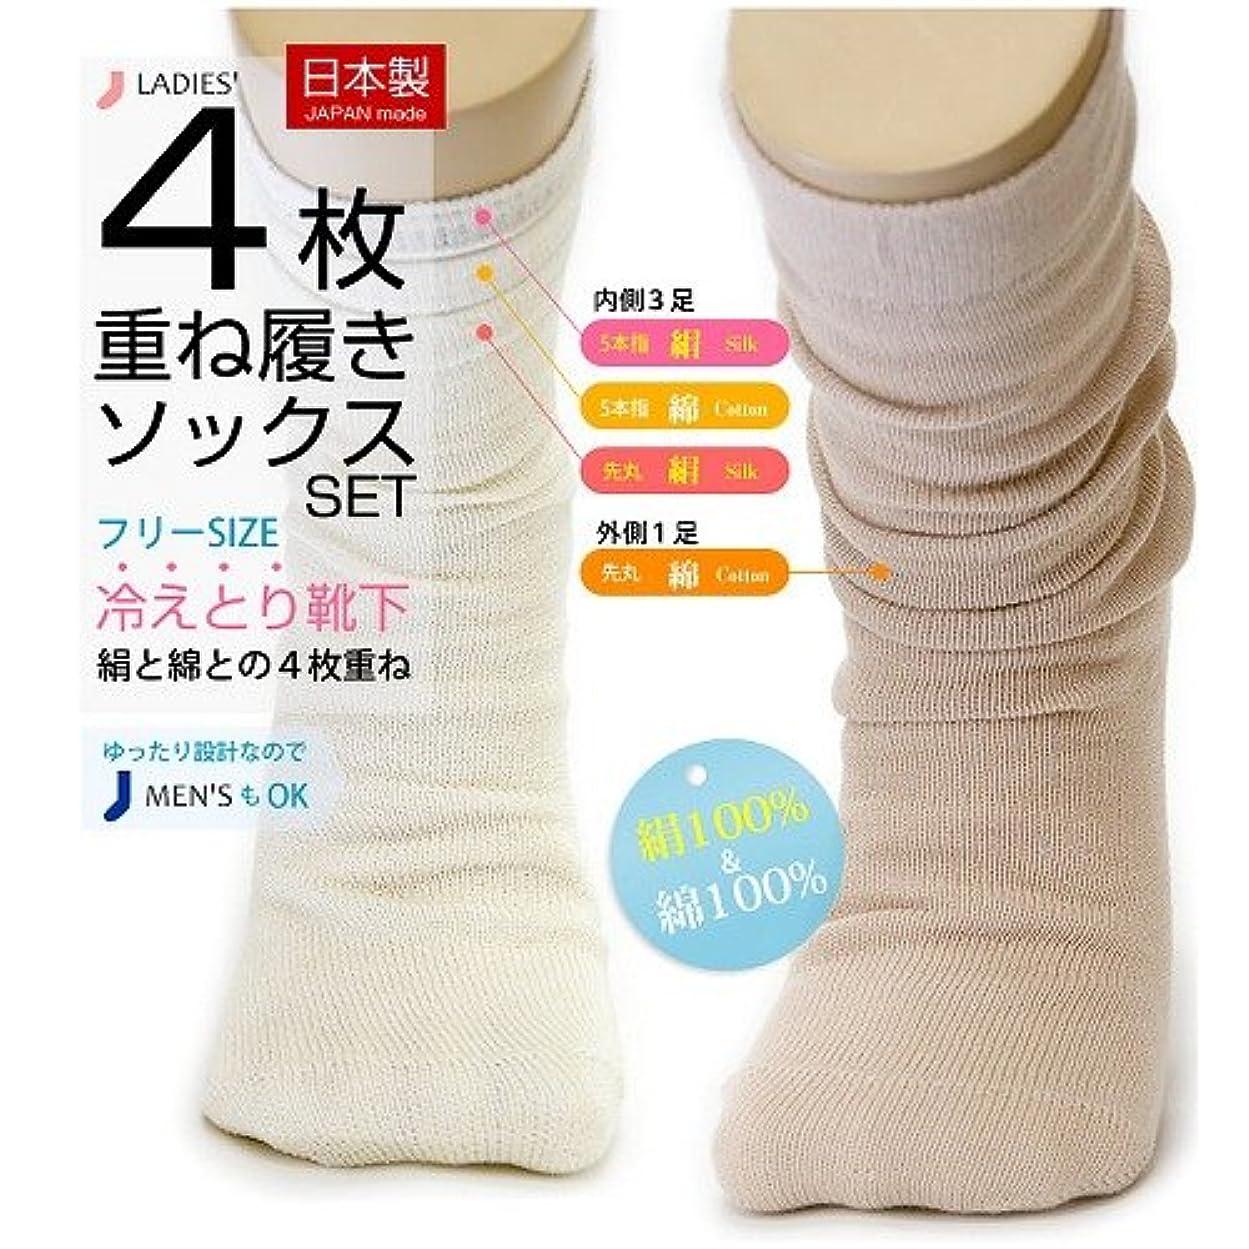 冷え取り靴下 綿100%とシルク100% 最高級の日本製 4枚重ねばきセット(外側チャコール)